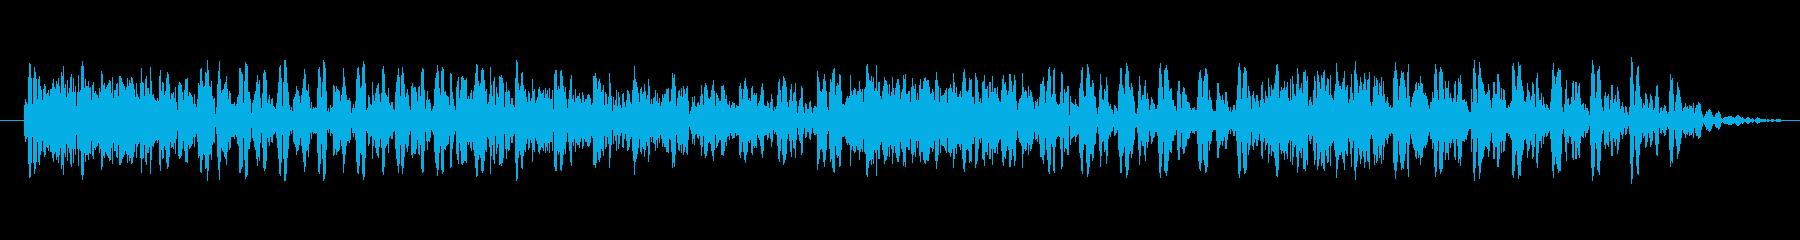 ジャジャジャジャ!の再生済みの波形